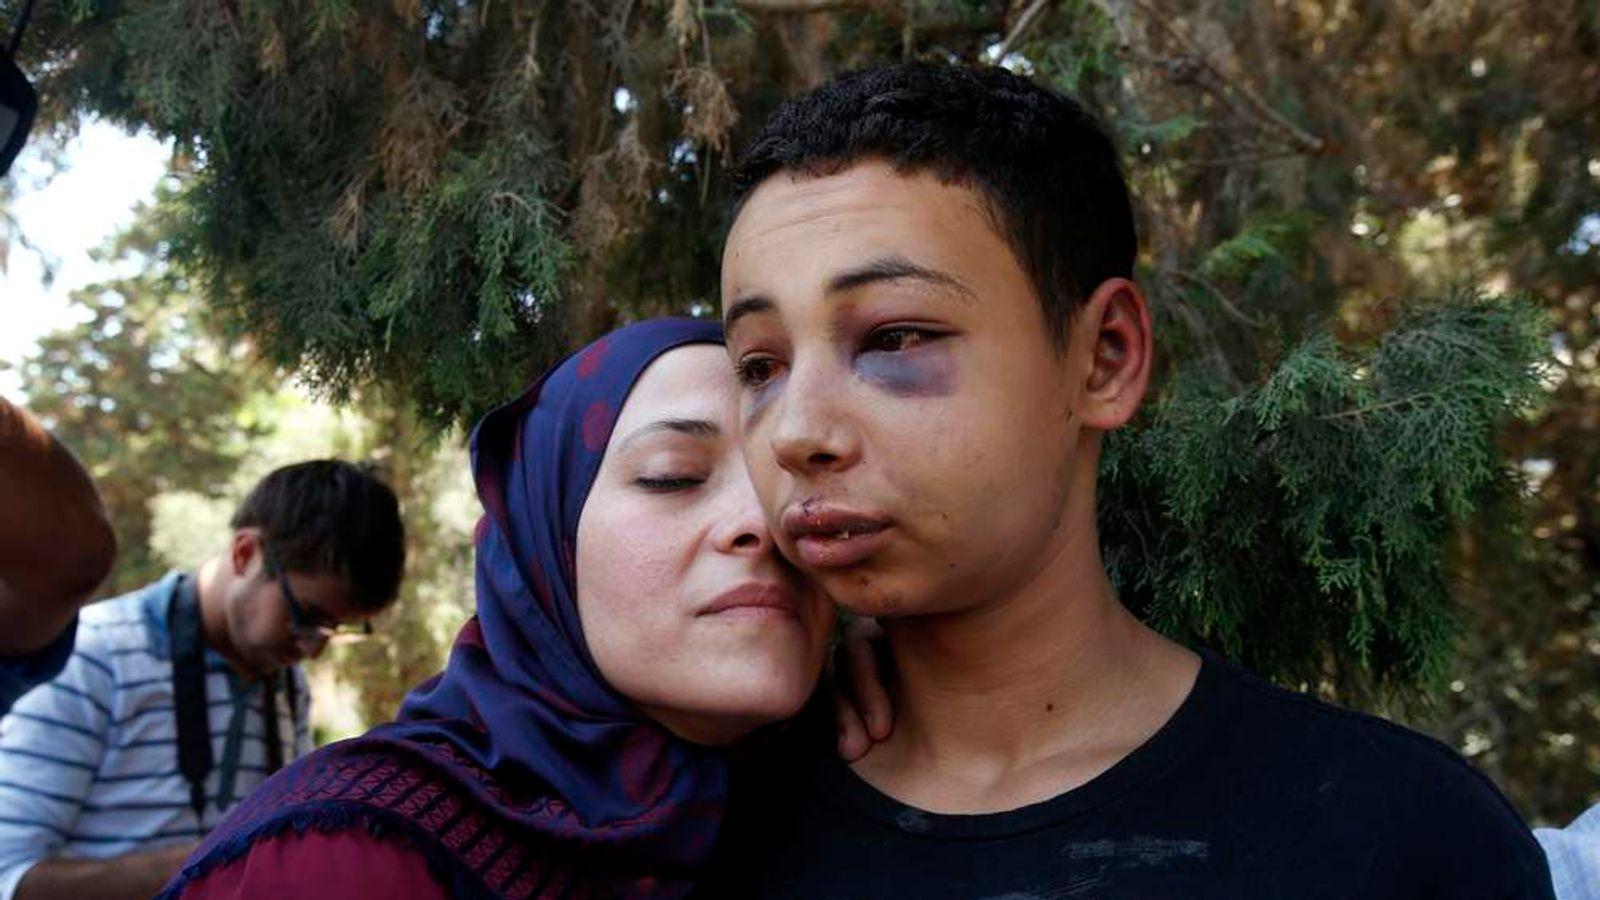 Tariq Abu Khadair and his mother Suha Abu Khadair outside court